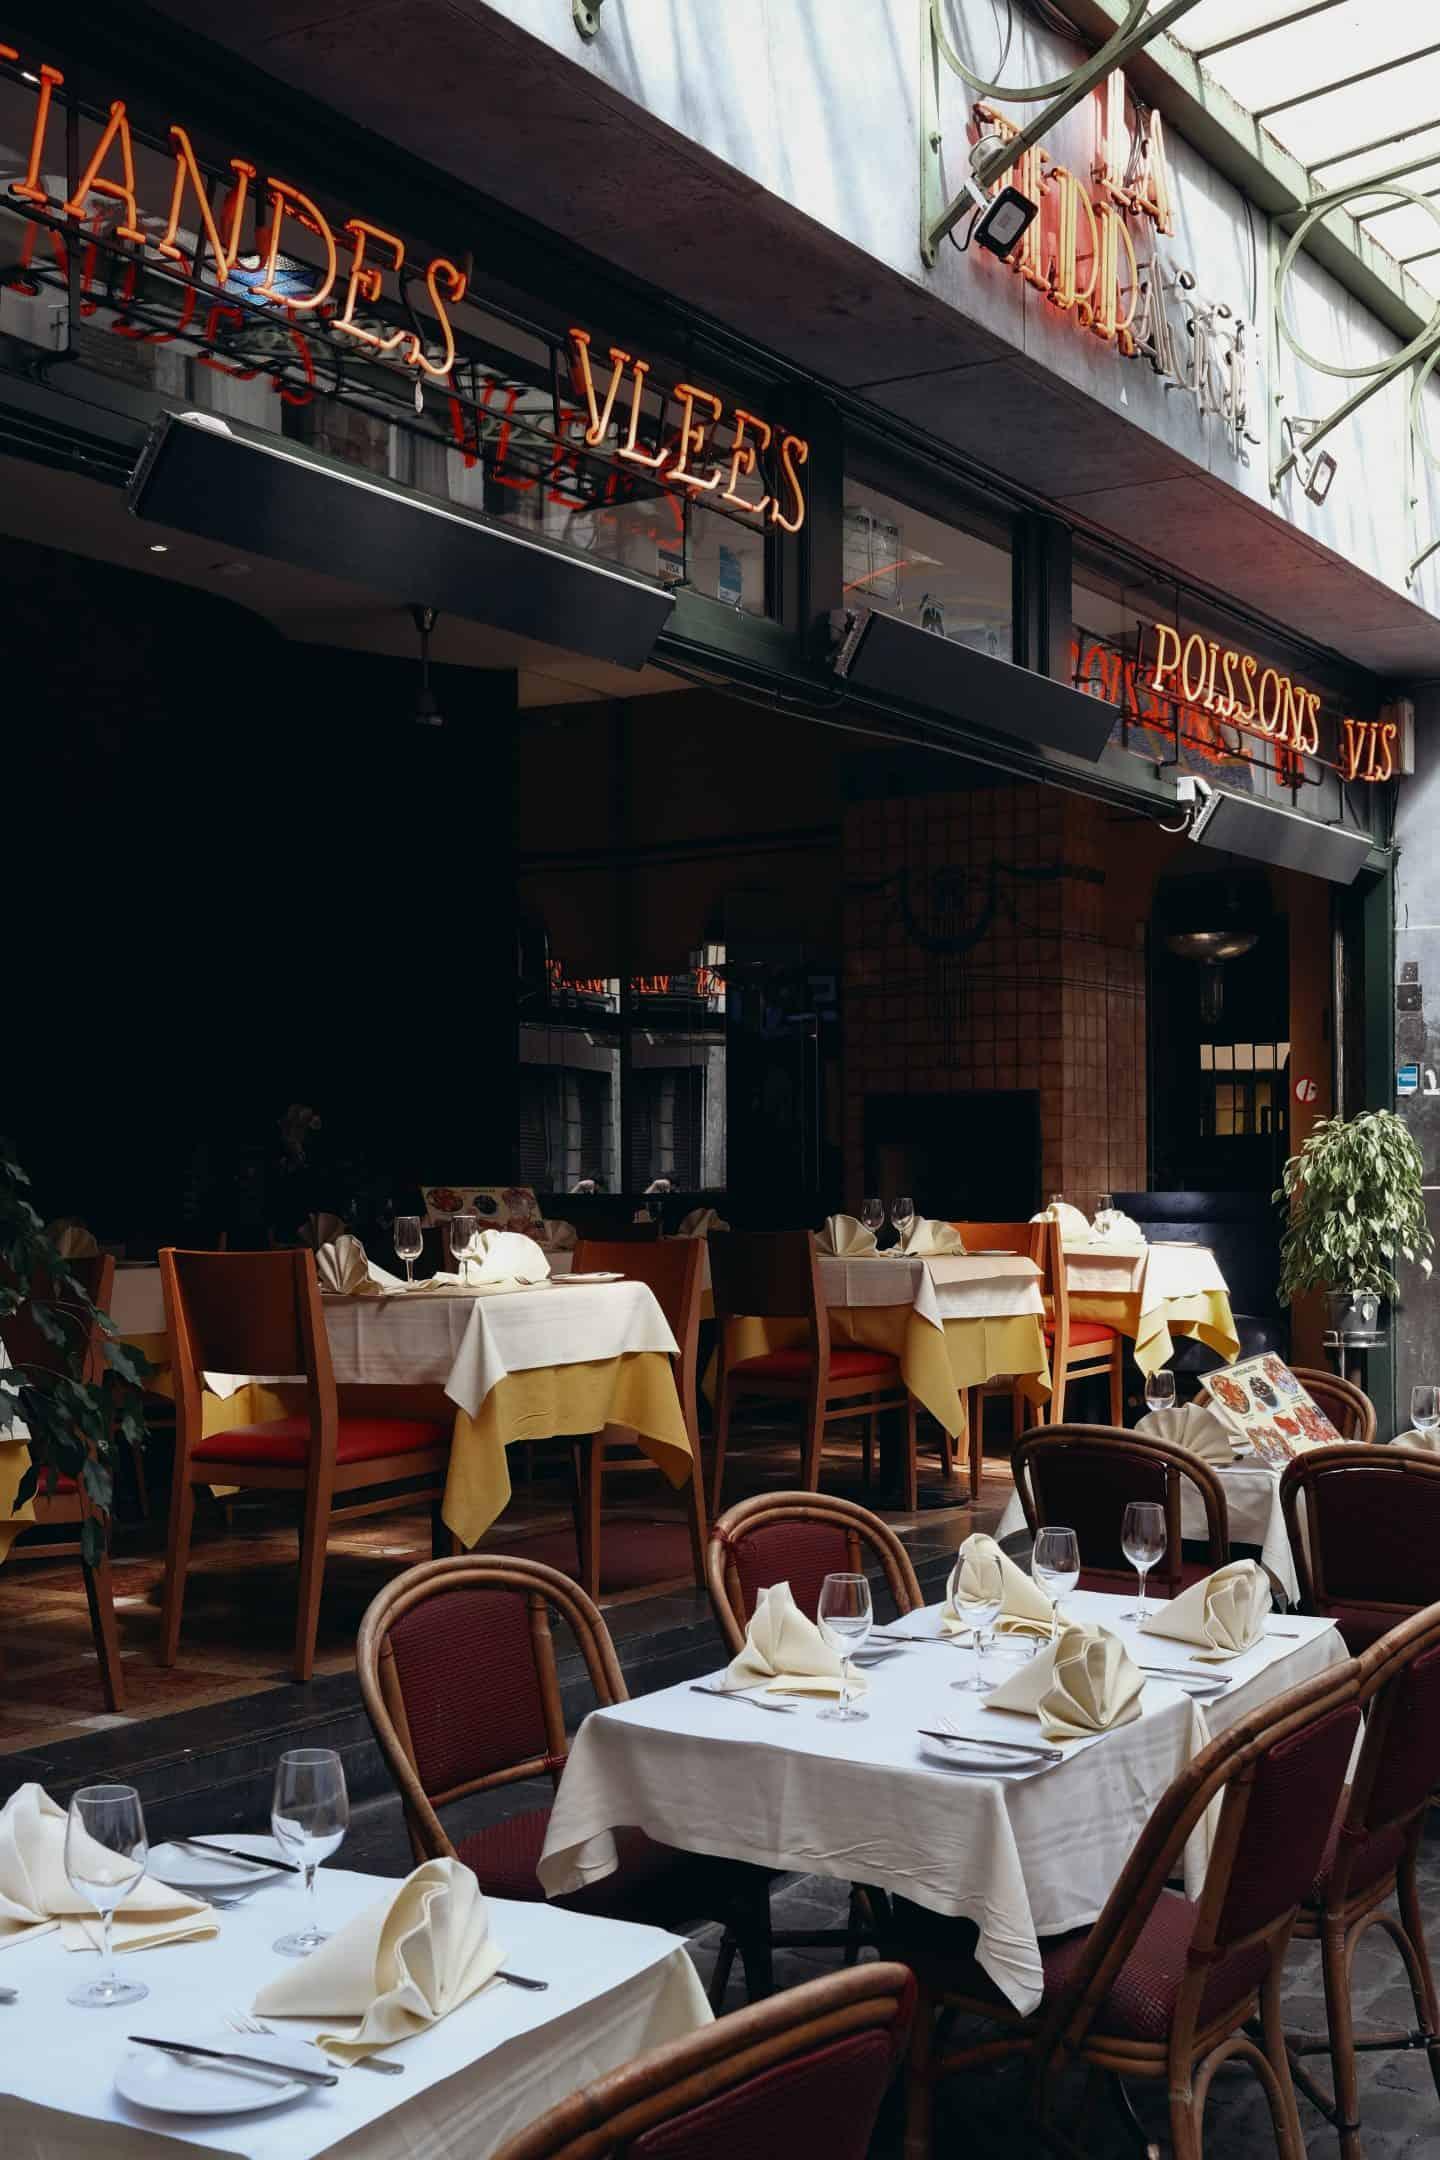 Paris Cafe in Europe